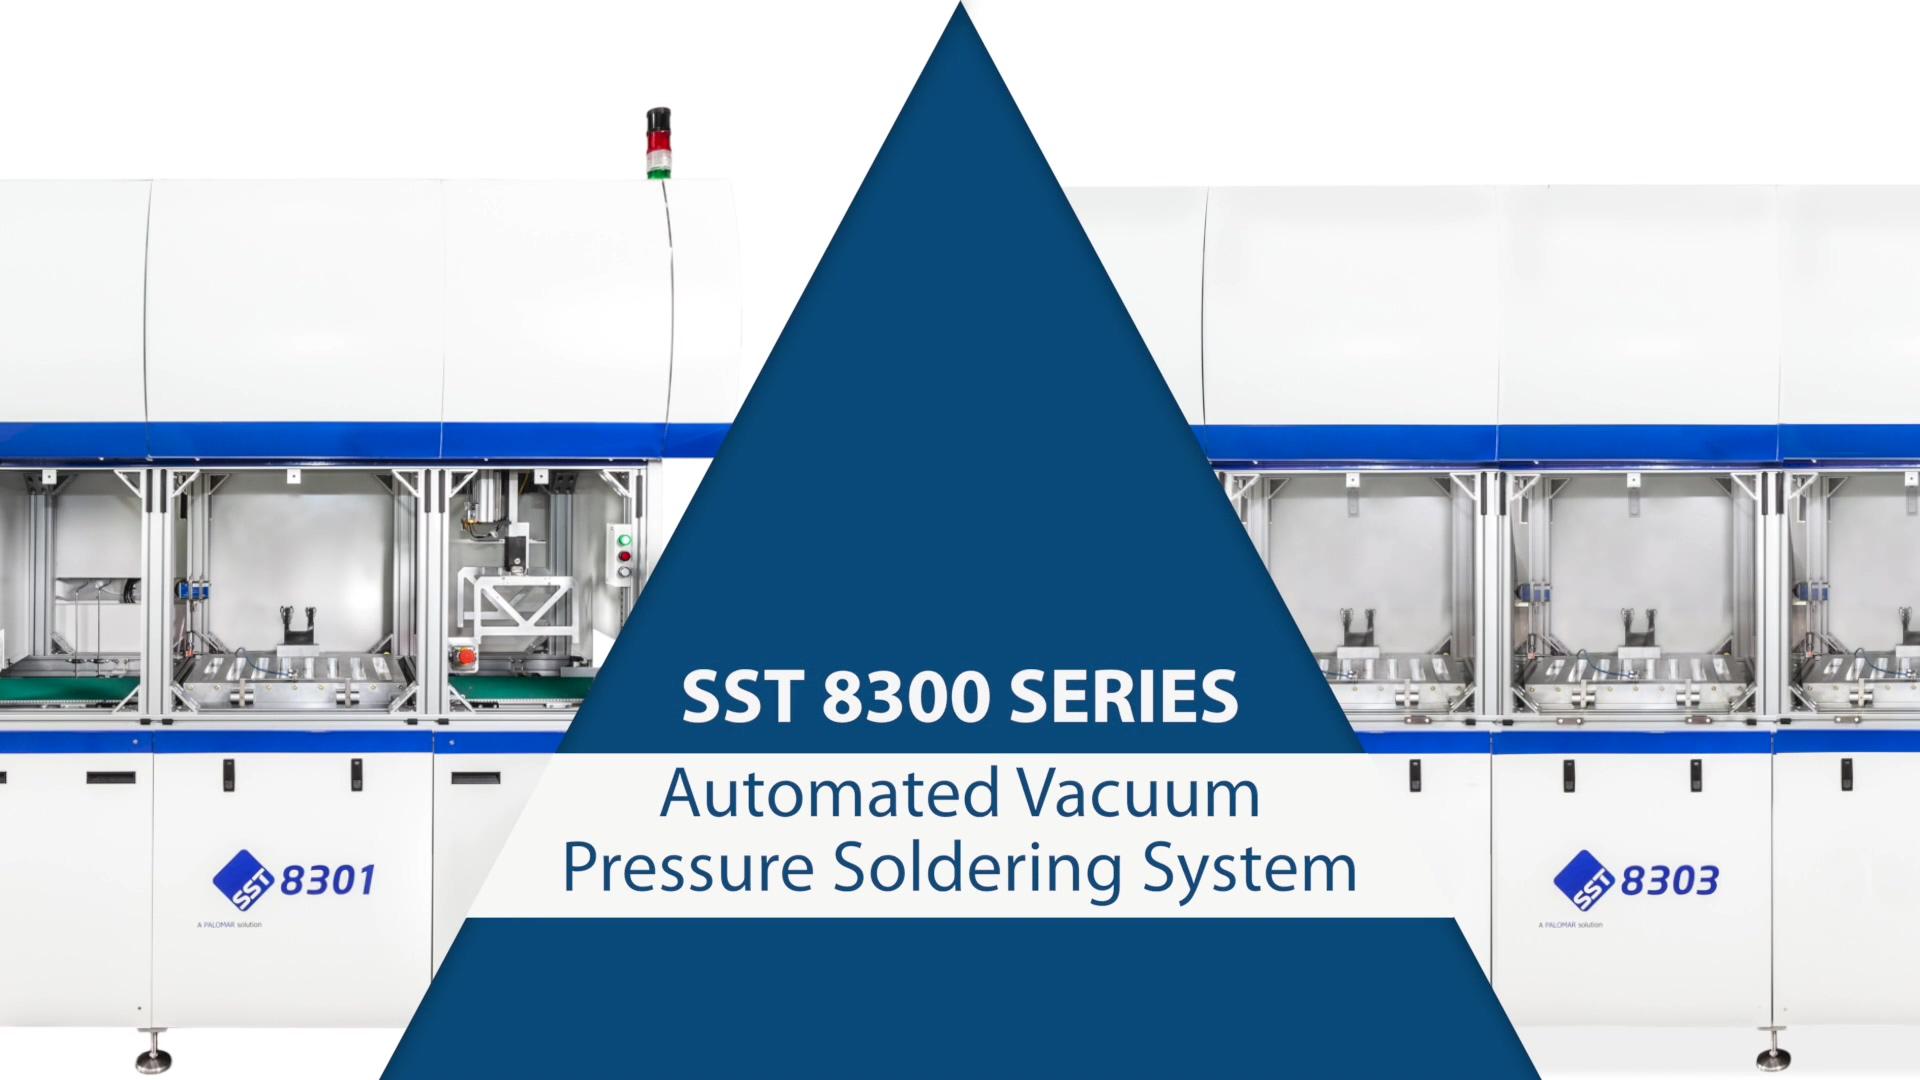 8300 Series Promo v3.2 082619